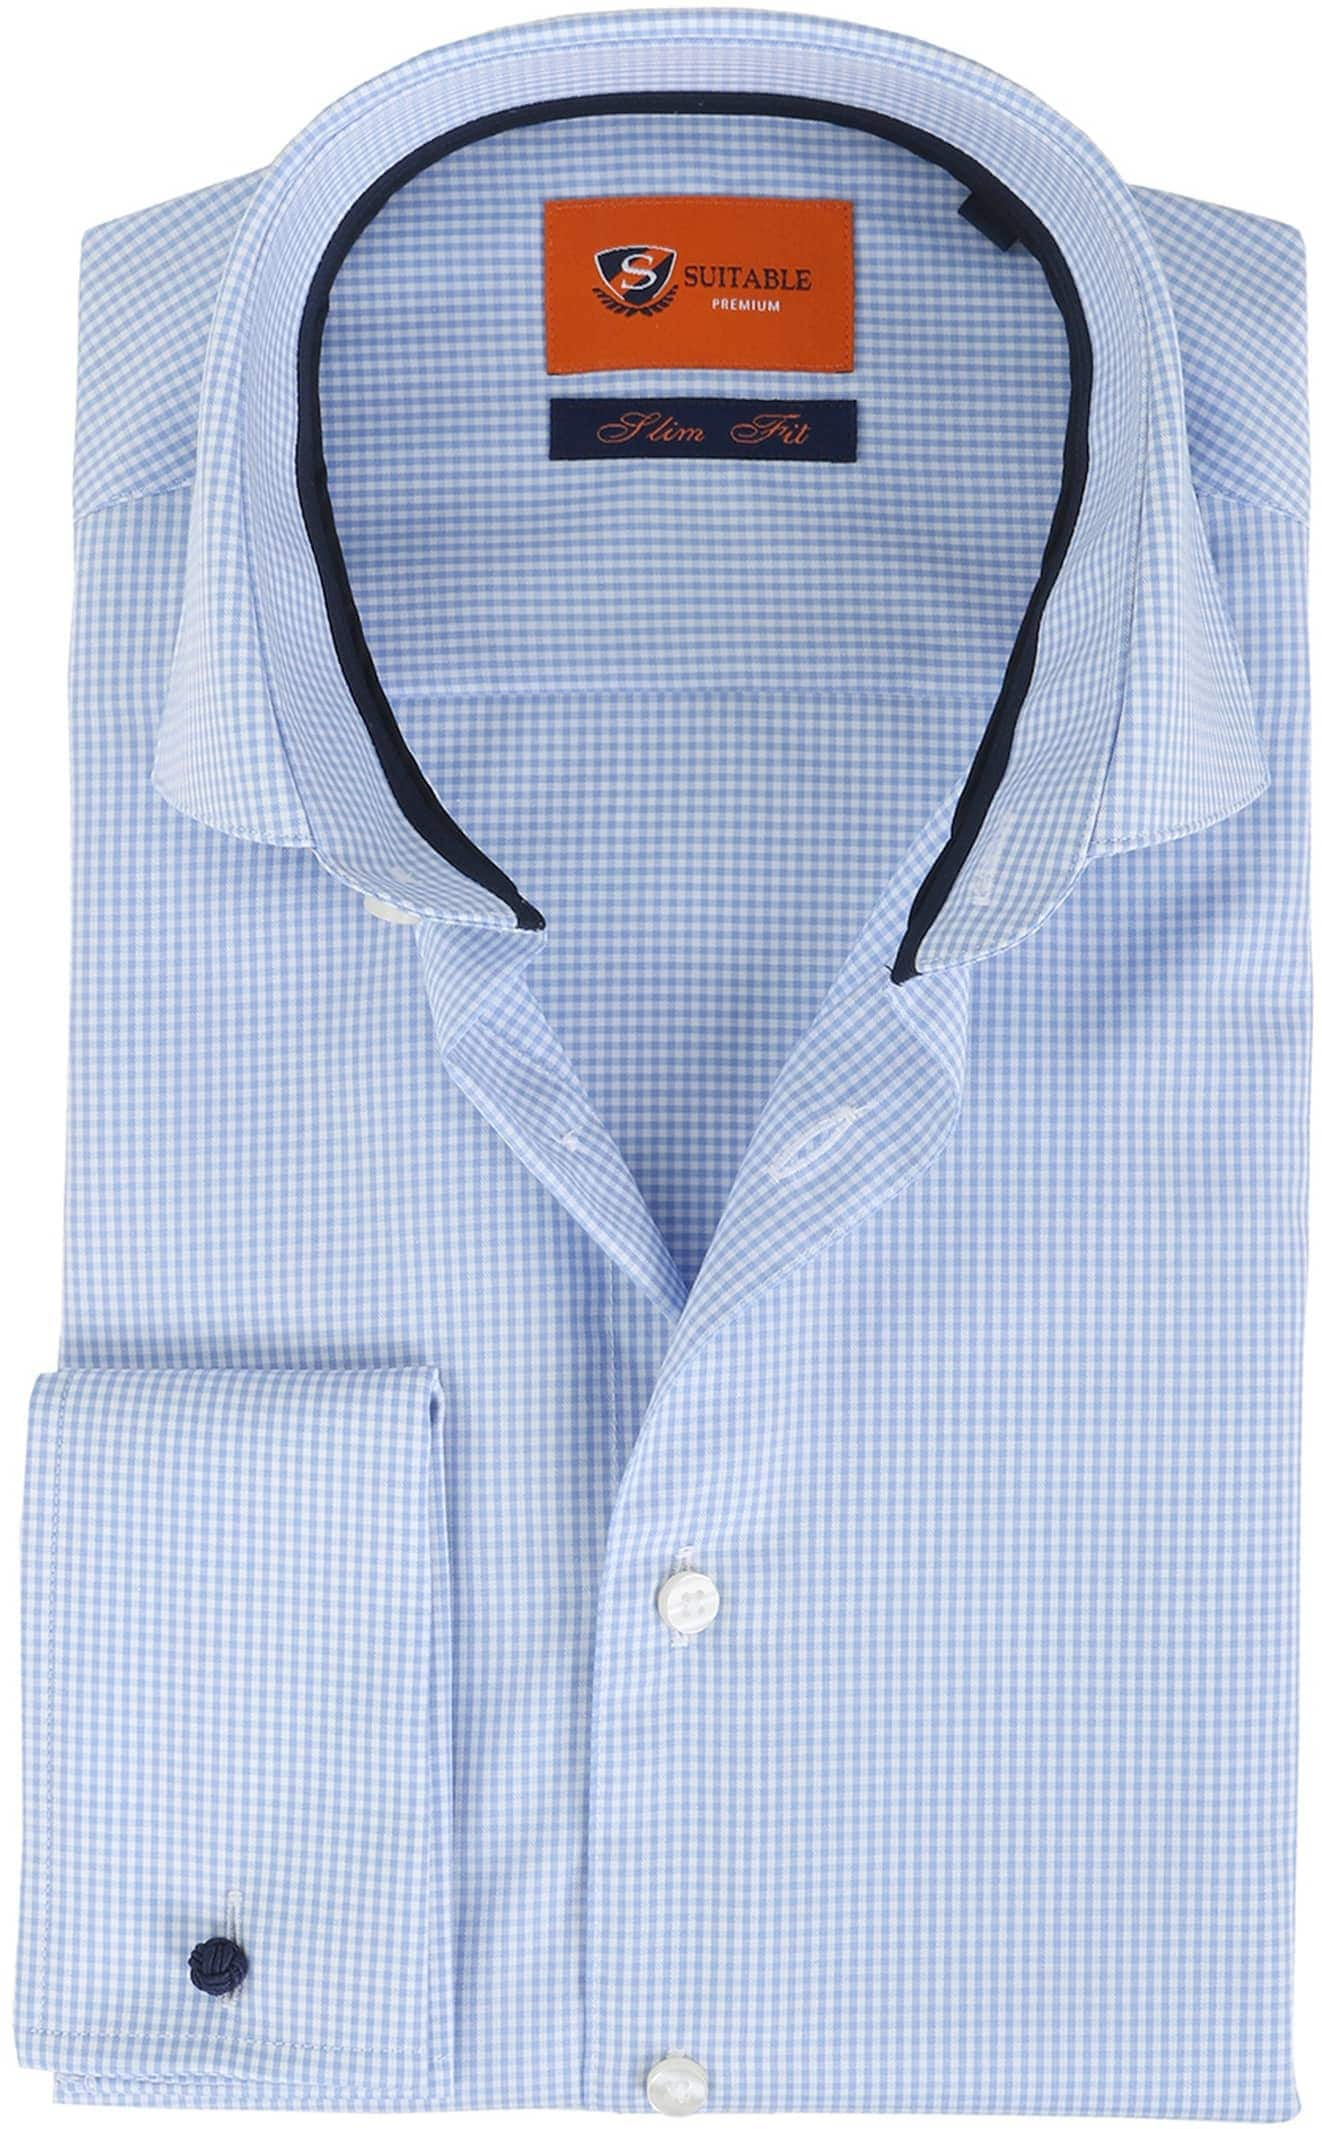 Suitable Overhemd Blauw Ruit foto 0